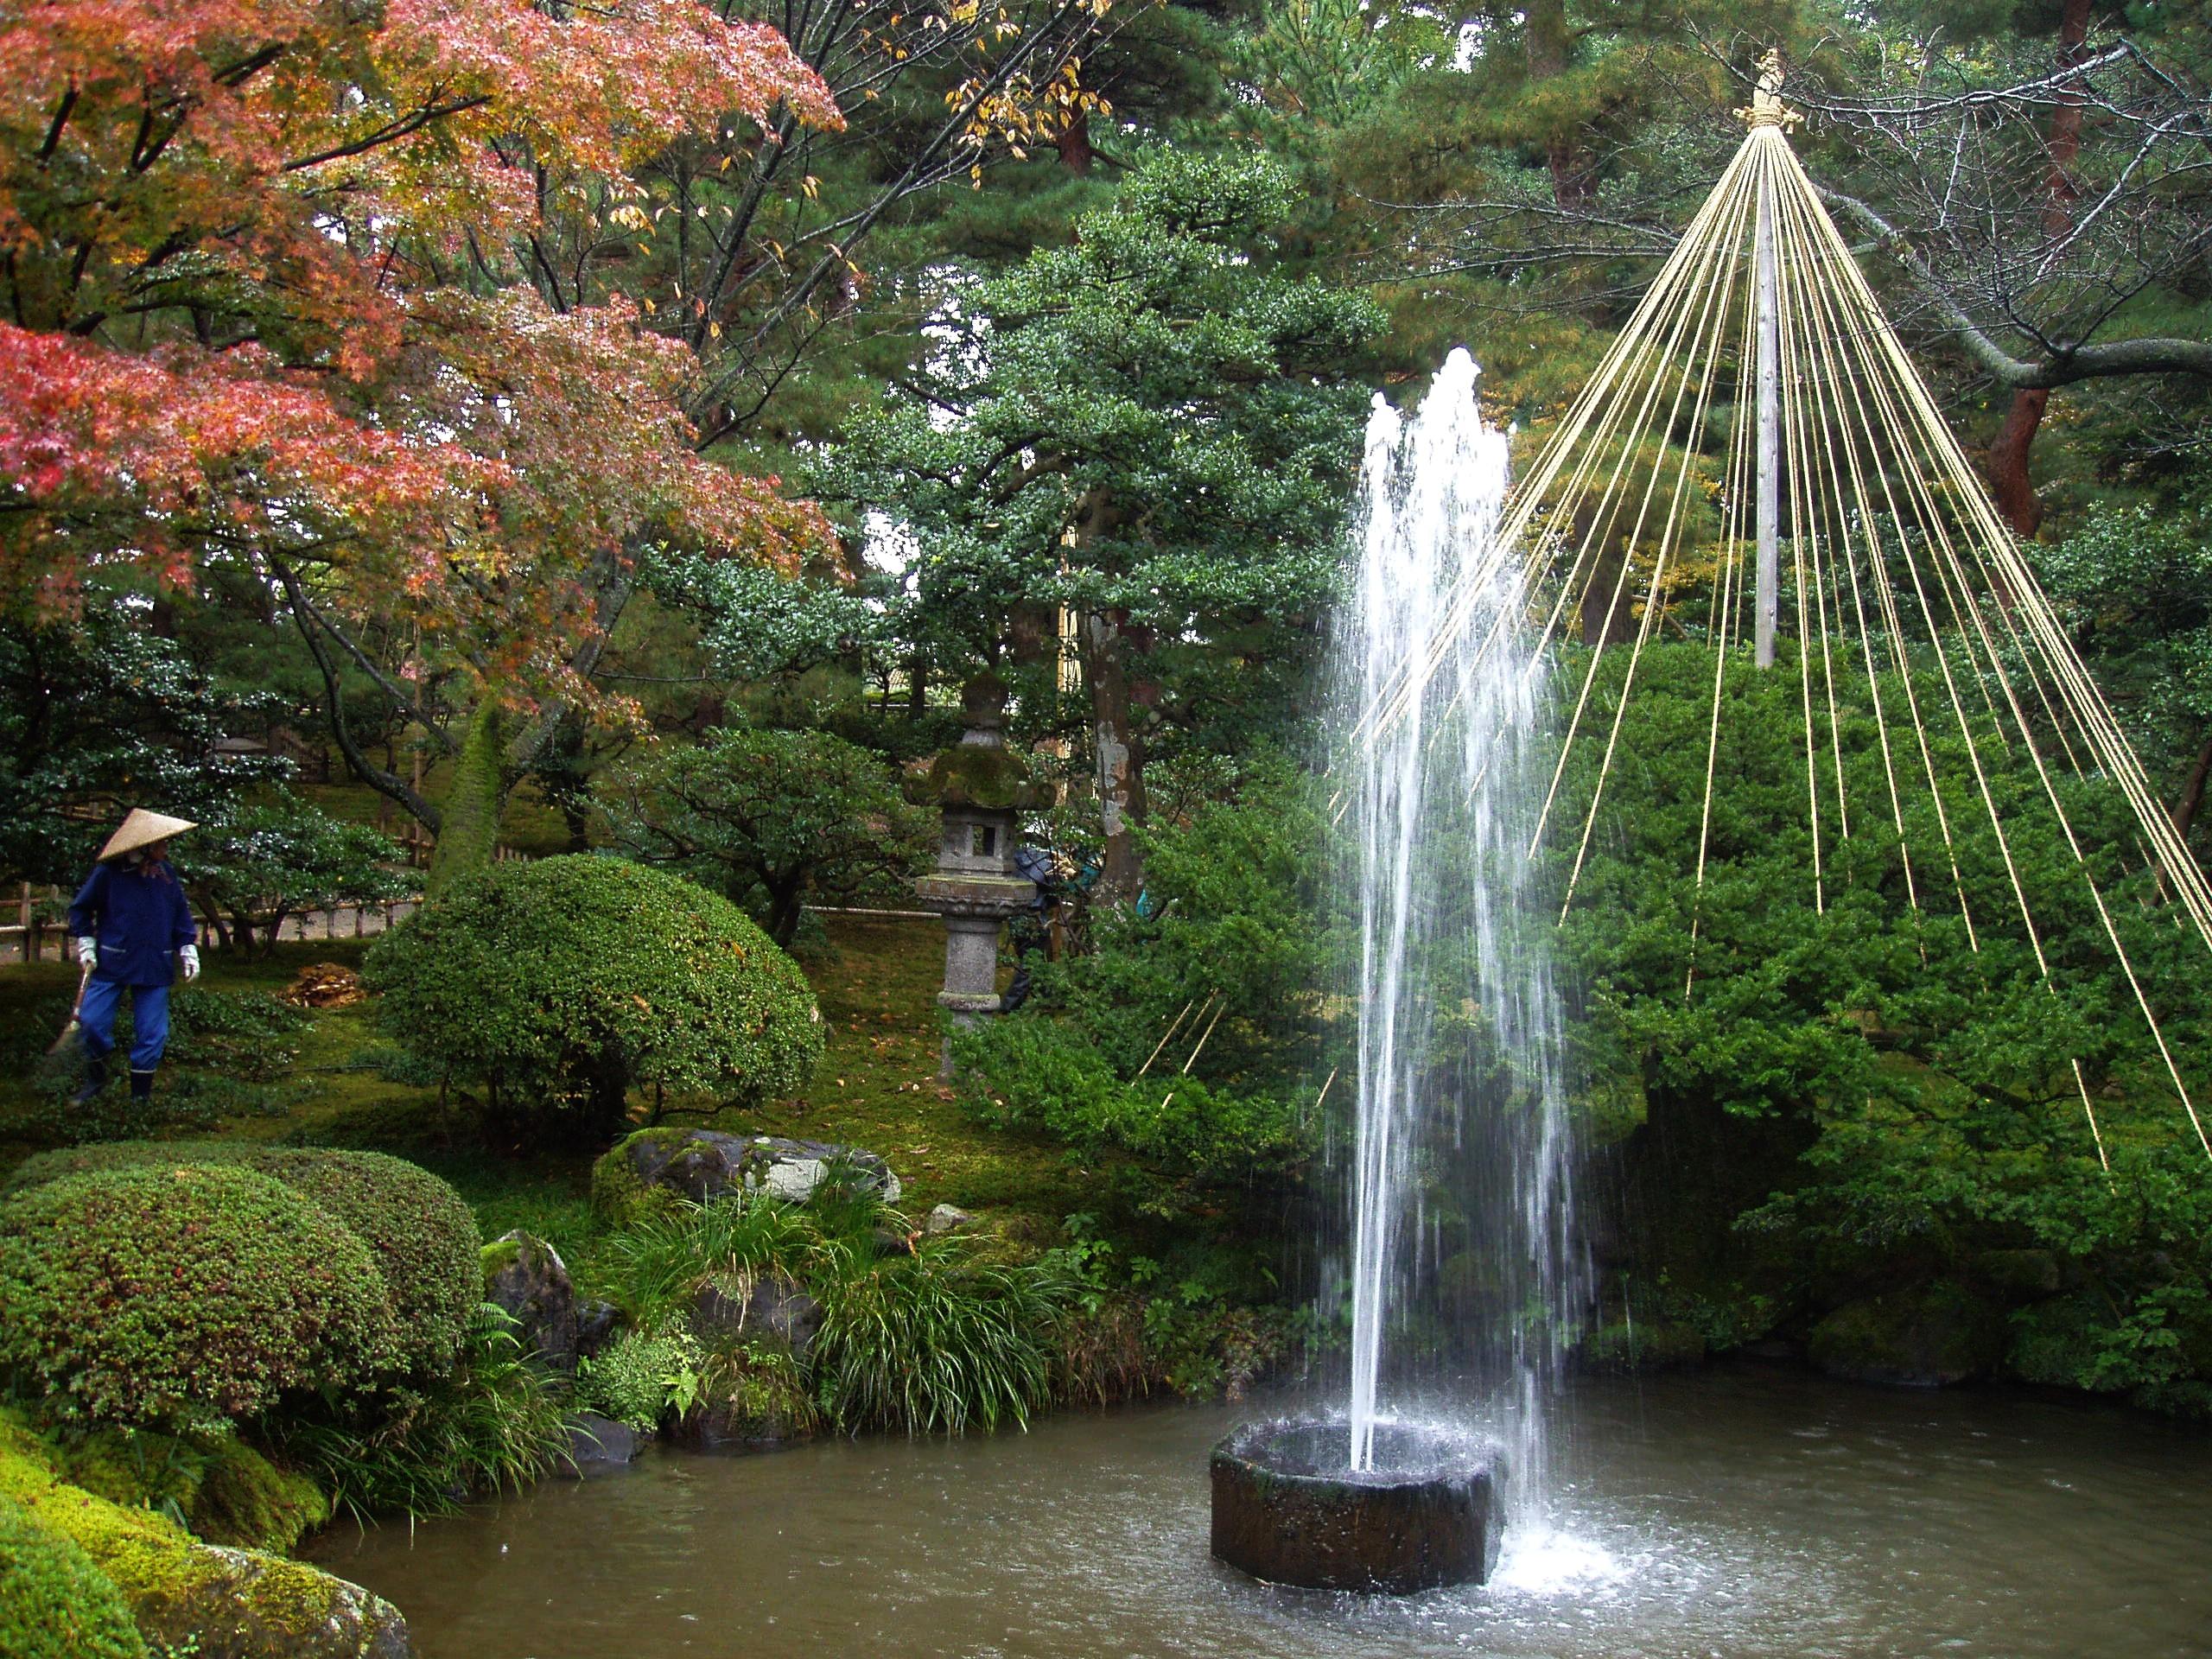 File:Fountain Kenrokuen Garden Kanazawa Japan.JPG